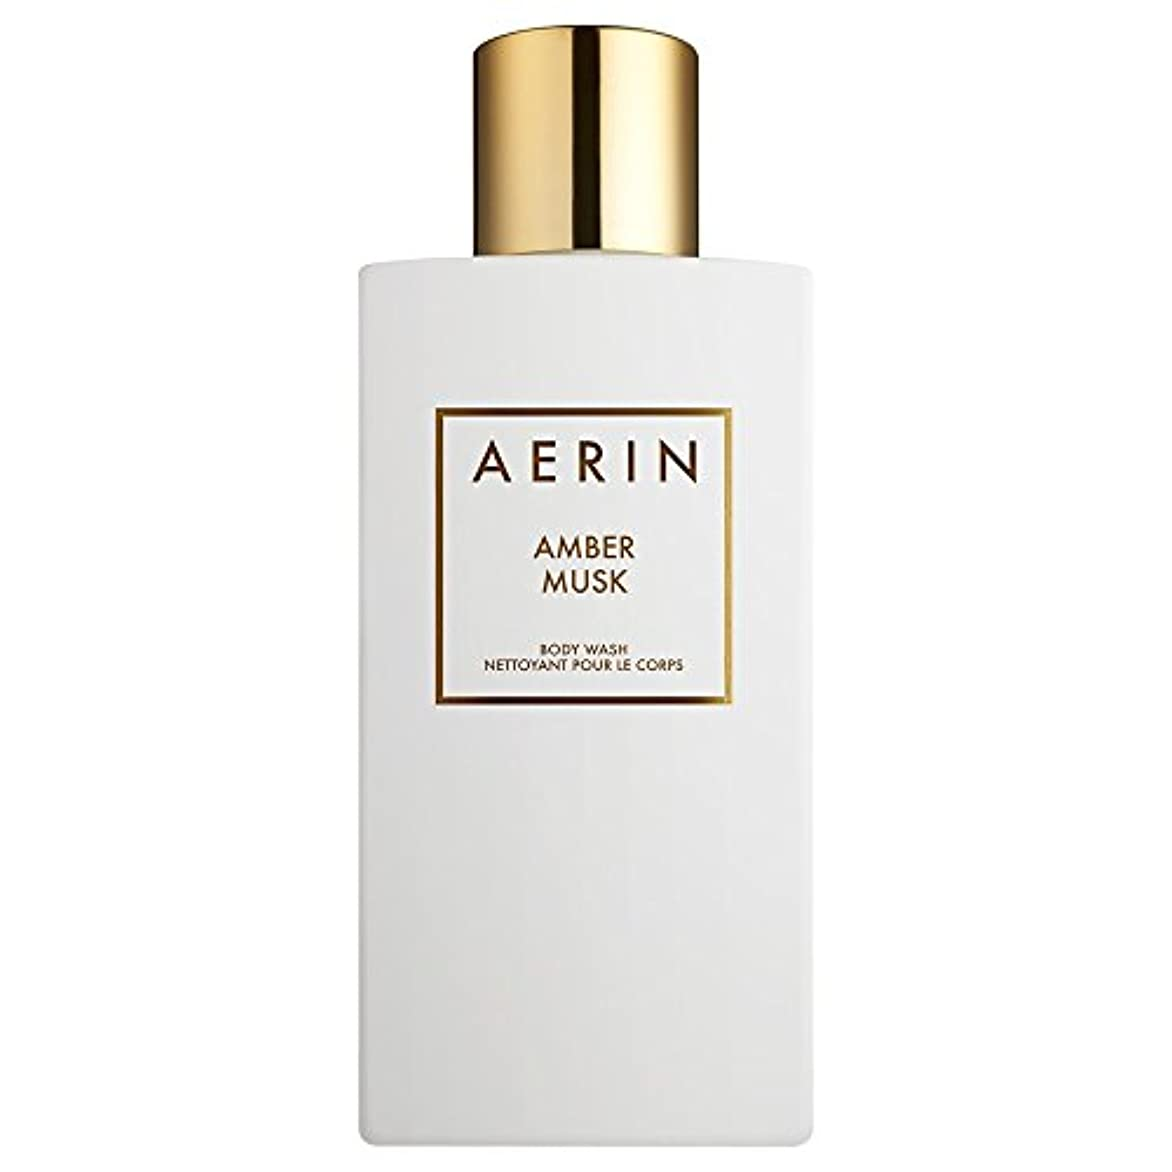 年金割るペチュランスAerinアンバームスクボディウォッシュ225ミリリットル (AERIN) (x6) - AERIN Amber Musk Bodywash 225ml (Pack of 6) [並行輸入品]